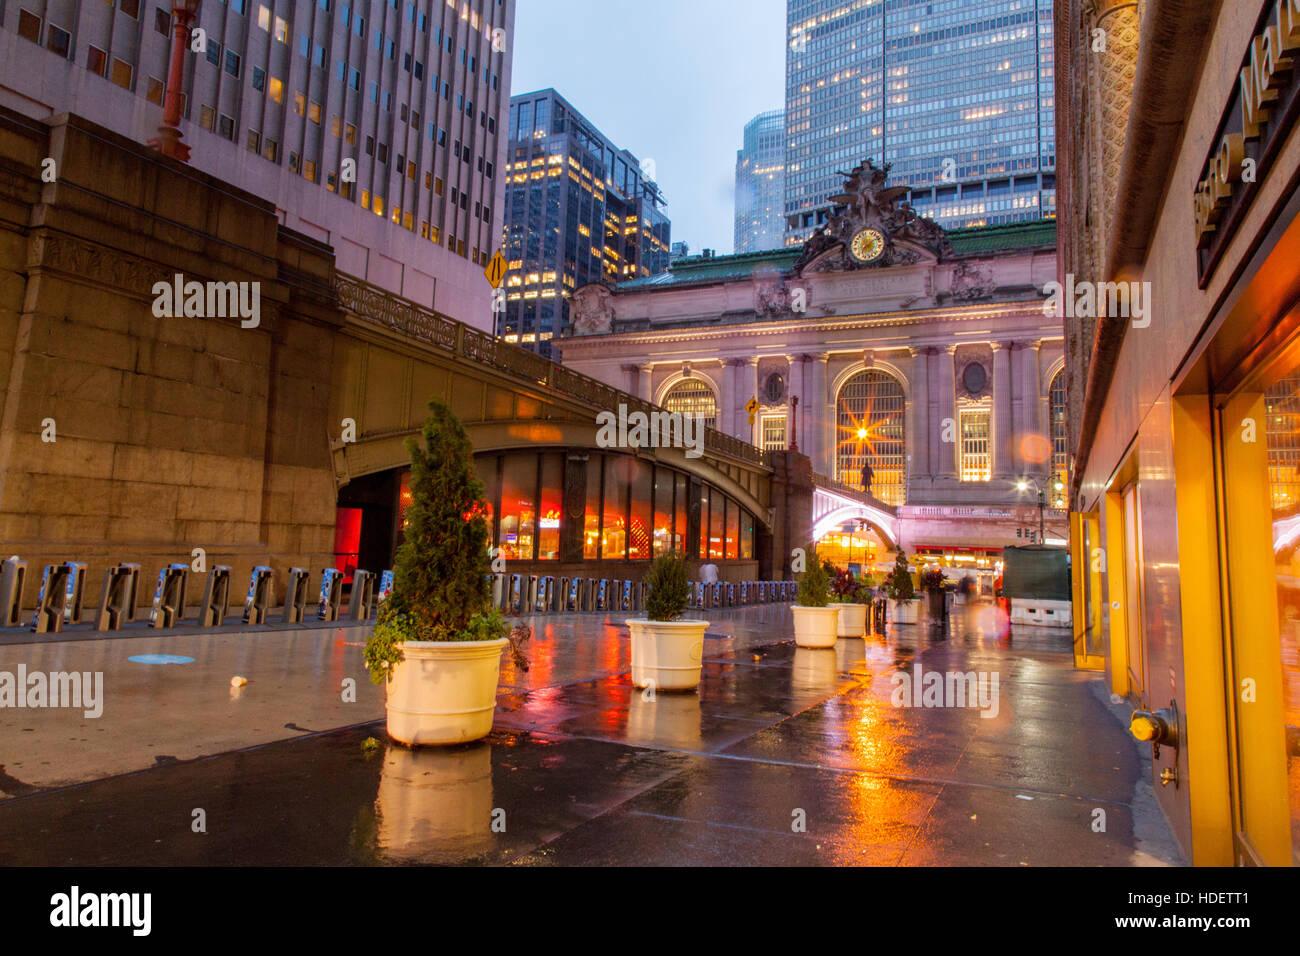 Grand Central station außen 42nd Street, Manhattan, New York City, Vereinigte Staaten von Amerika. Stockbild